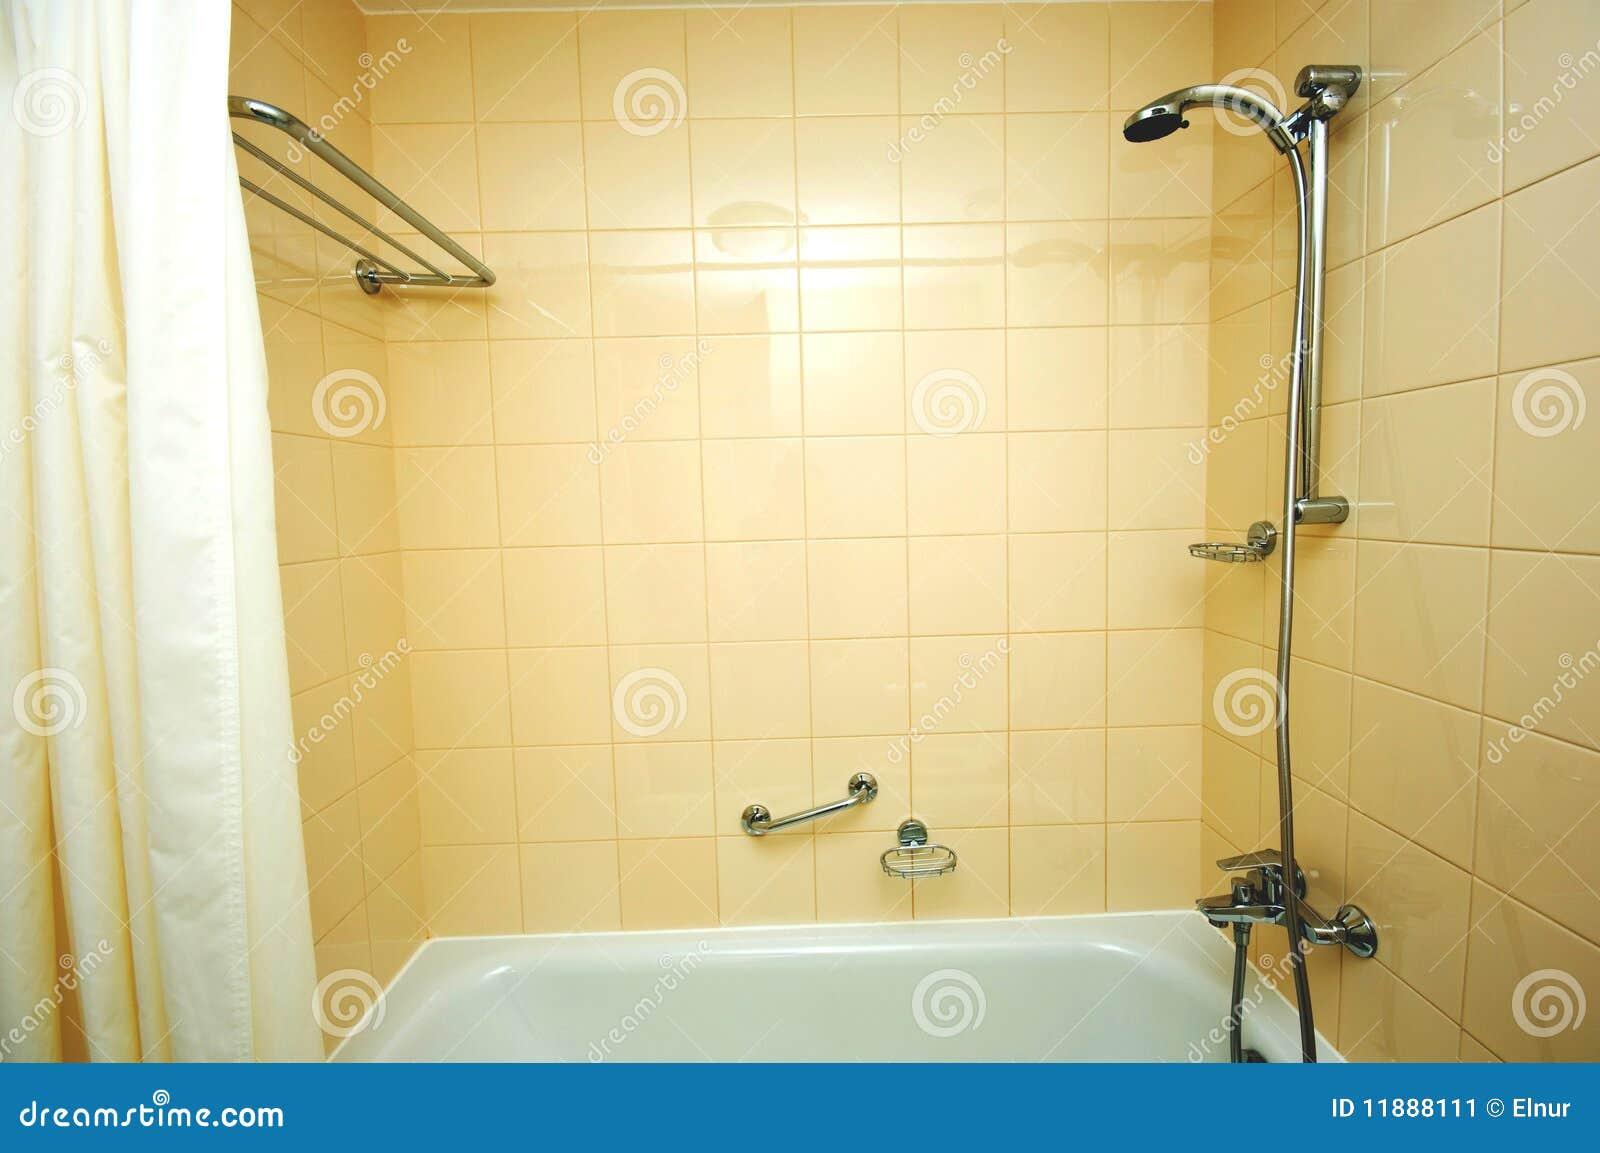 Imagenes De Baño En Tina:Tina y ducha de baño en el cuarto de baño